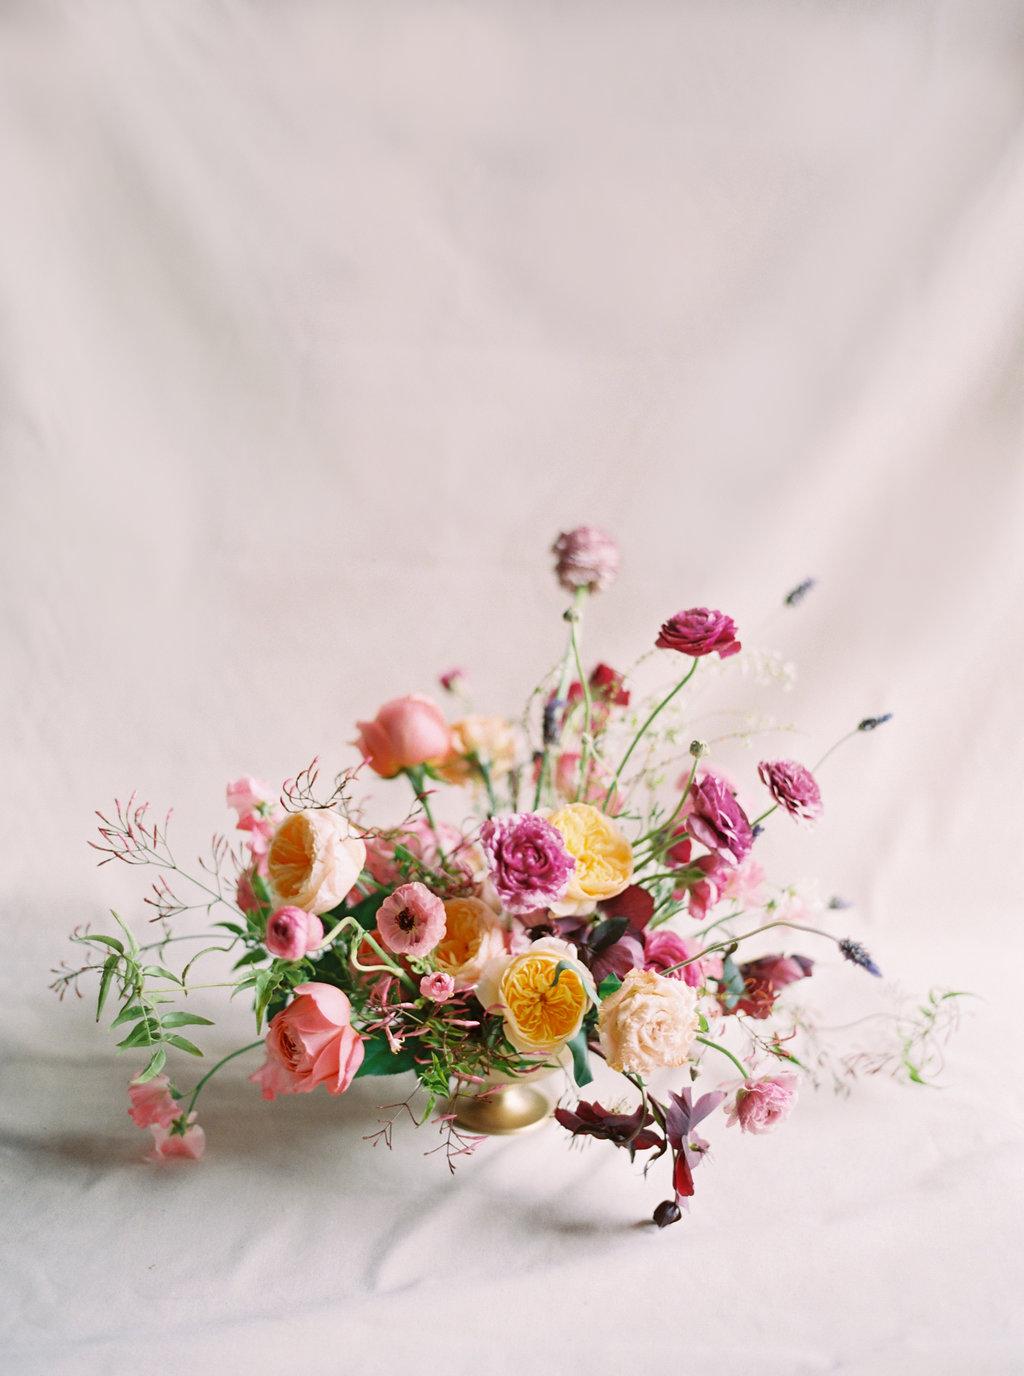 trynhphoto-sandiego-socal-florist-siren-floral-workshop-2